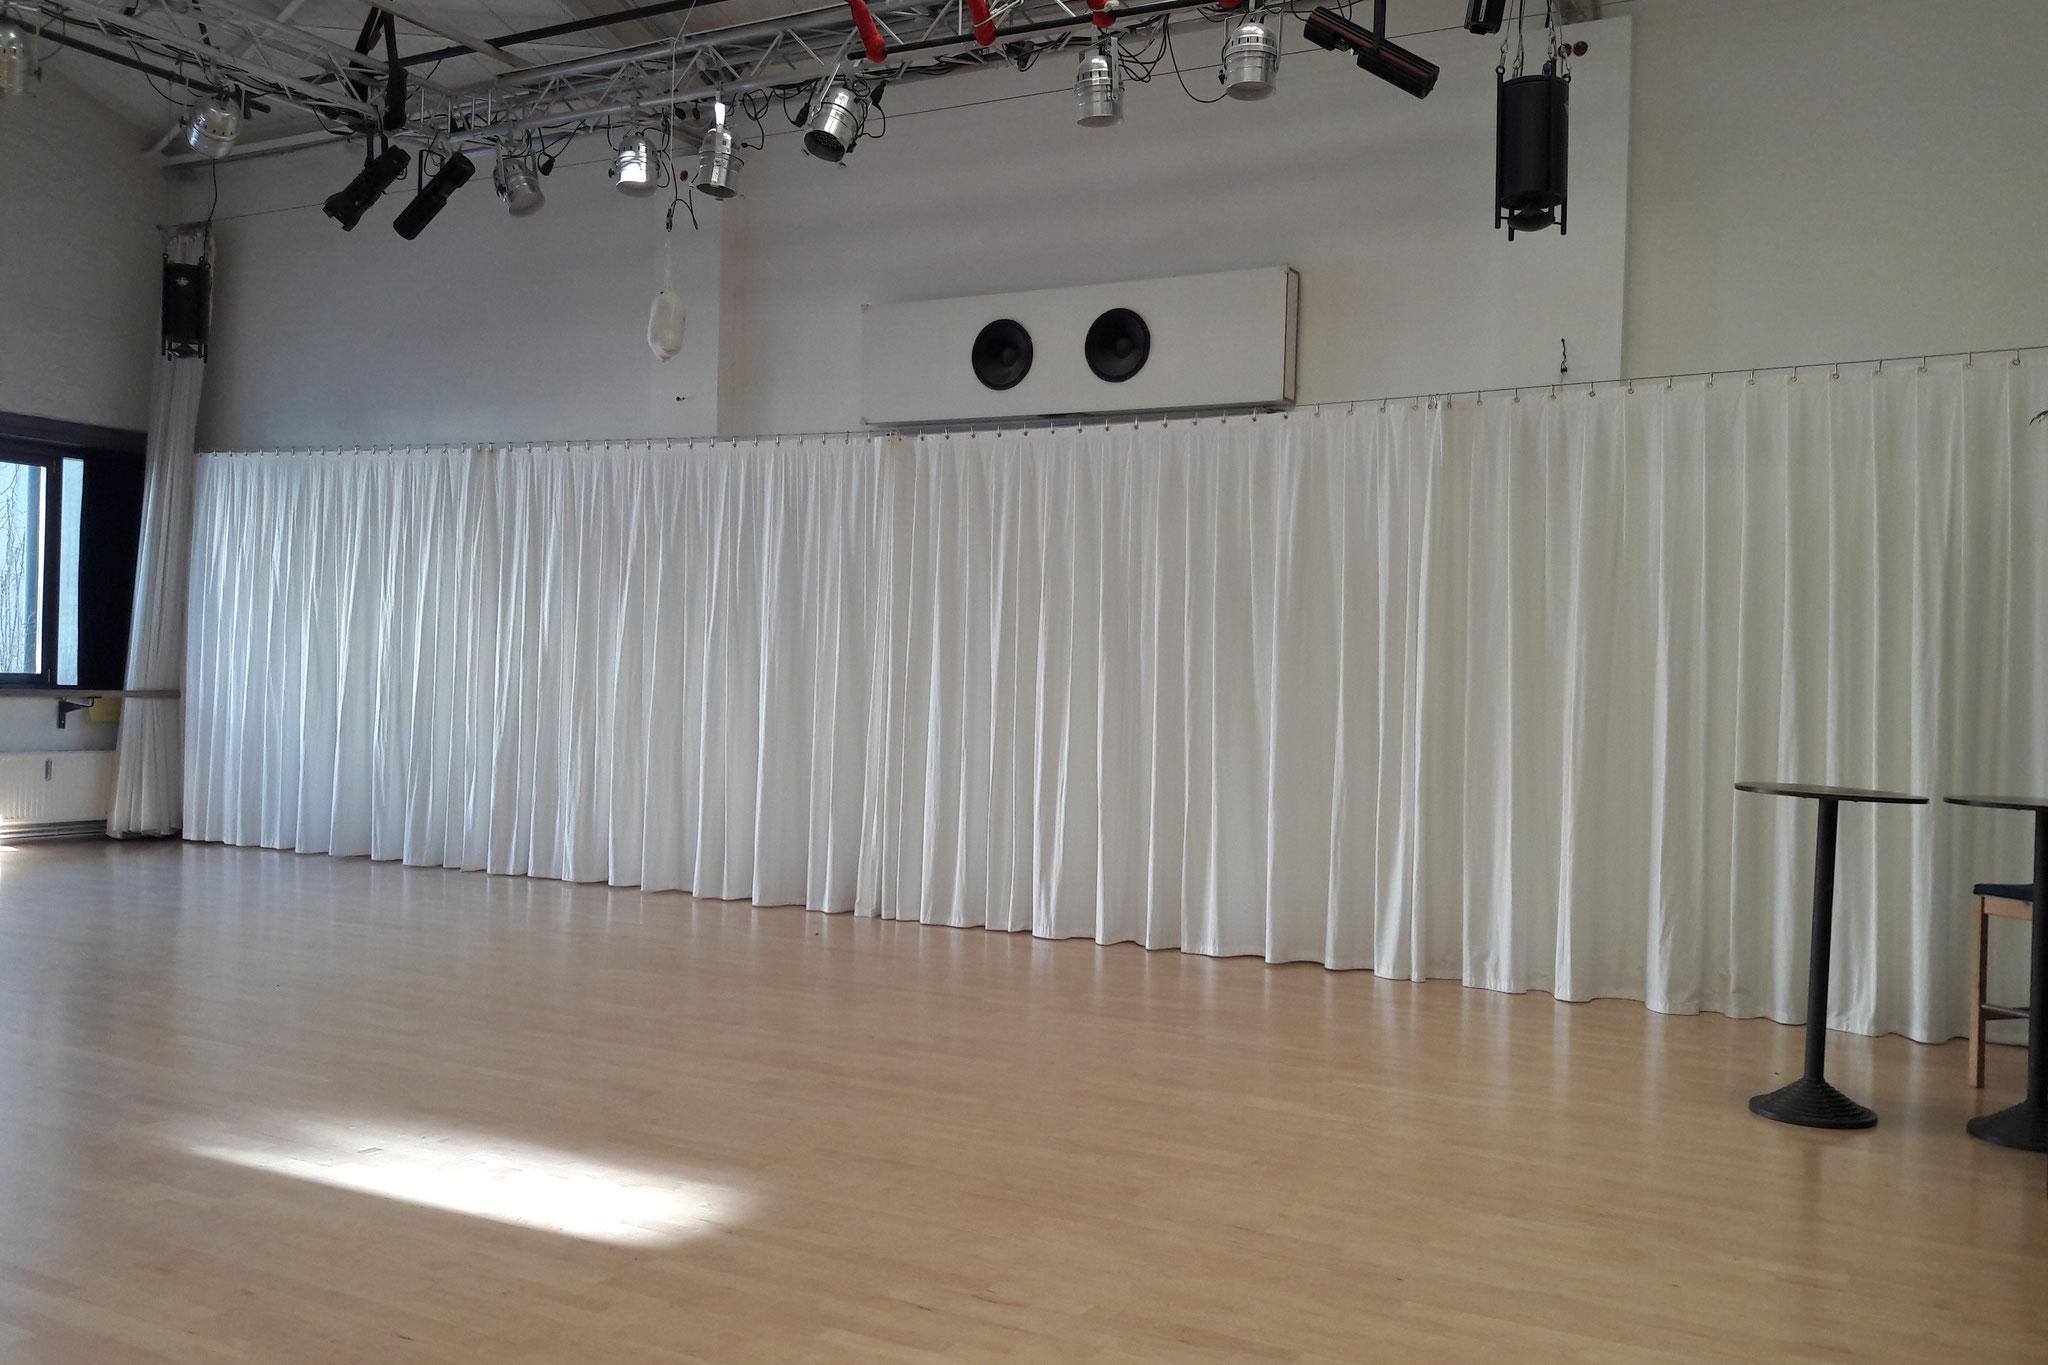 Spiegelvorhänge - Billie's Tanzstudio -